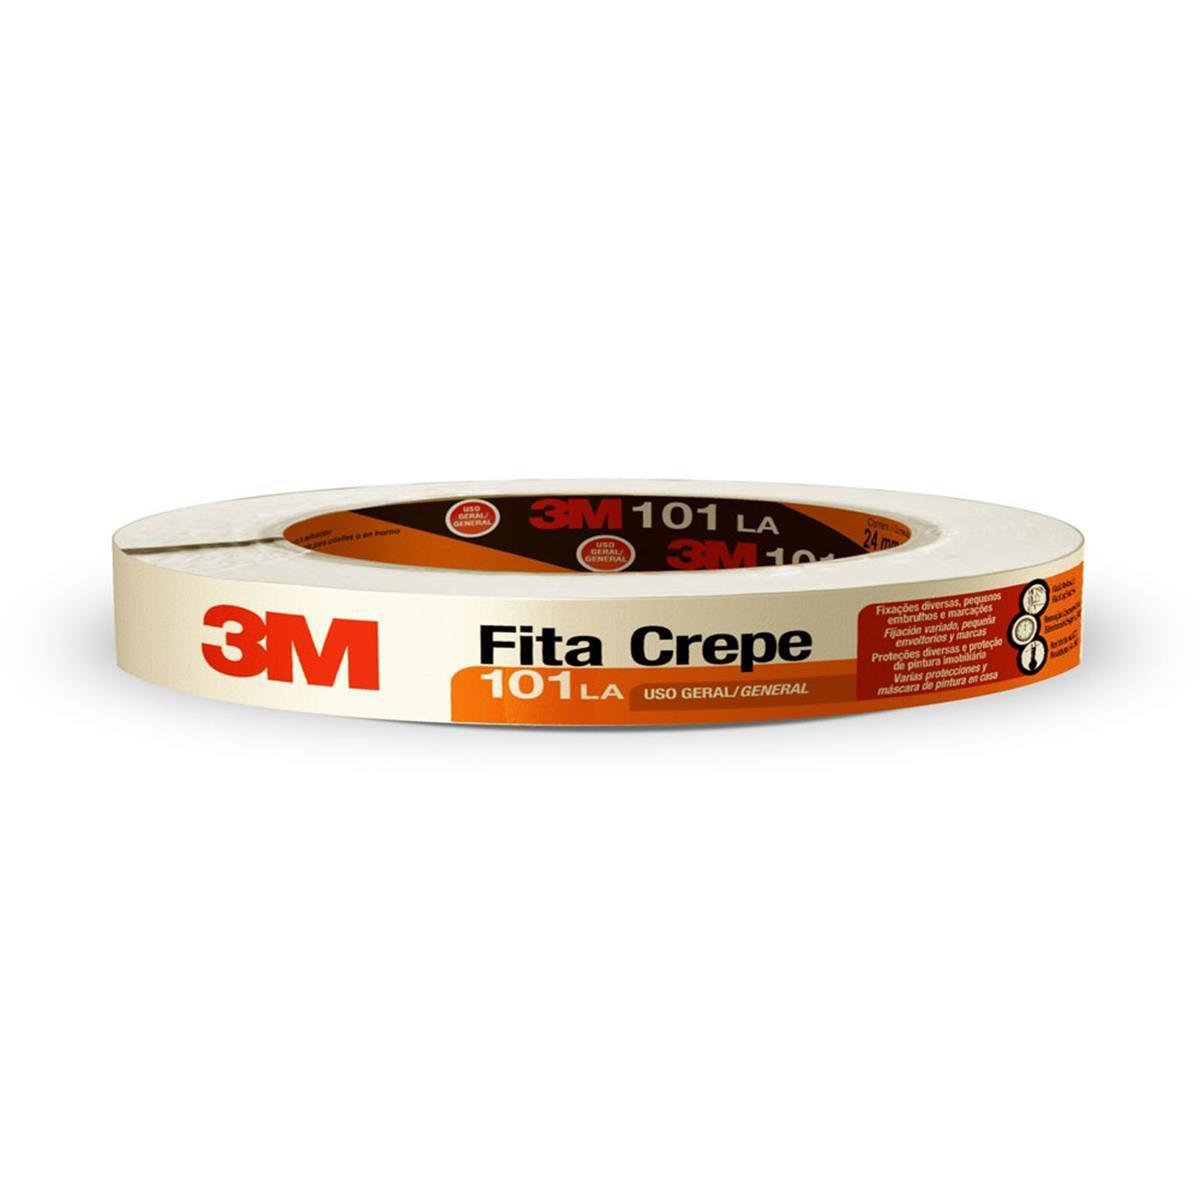 Fita Crepe 3M101LA - Rolo 18 mm x 50 m